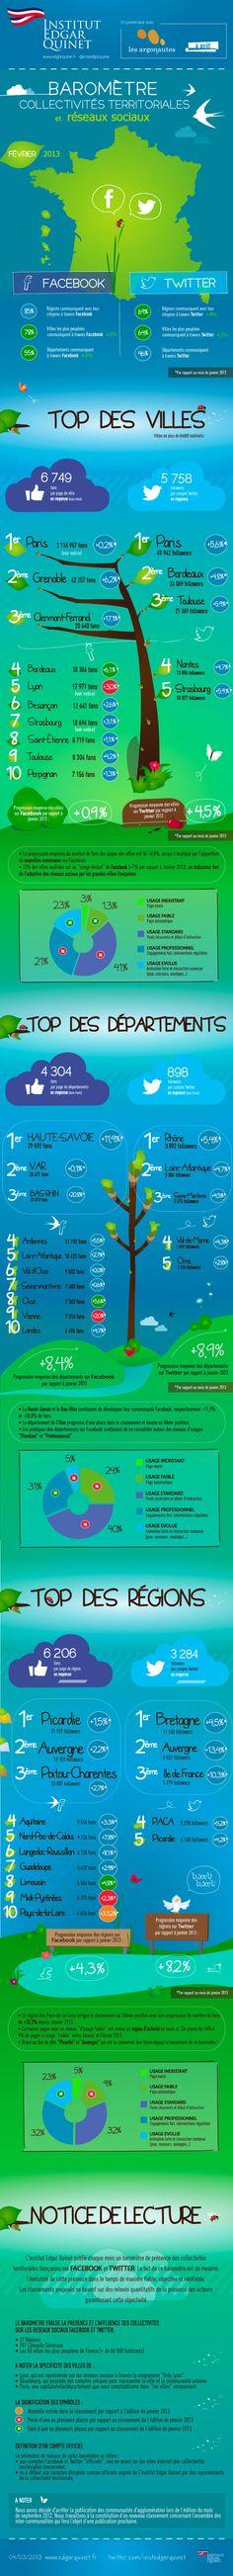 Régions- villes- départements français sur les réseaux sociaux - février 2013 #France